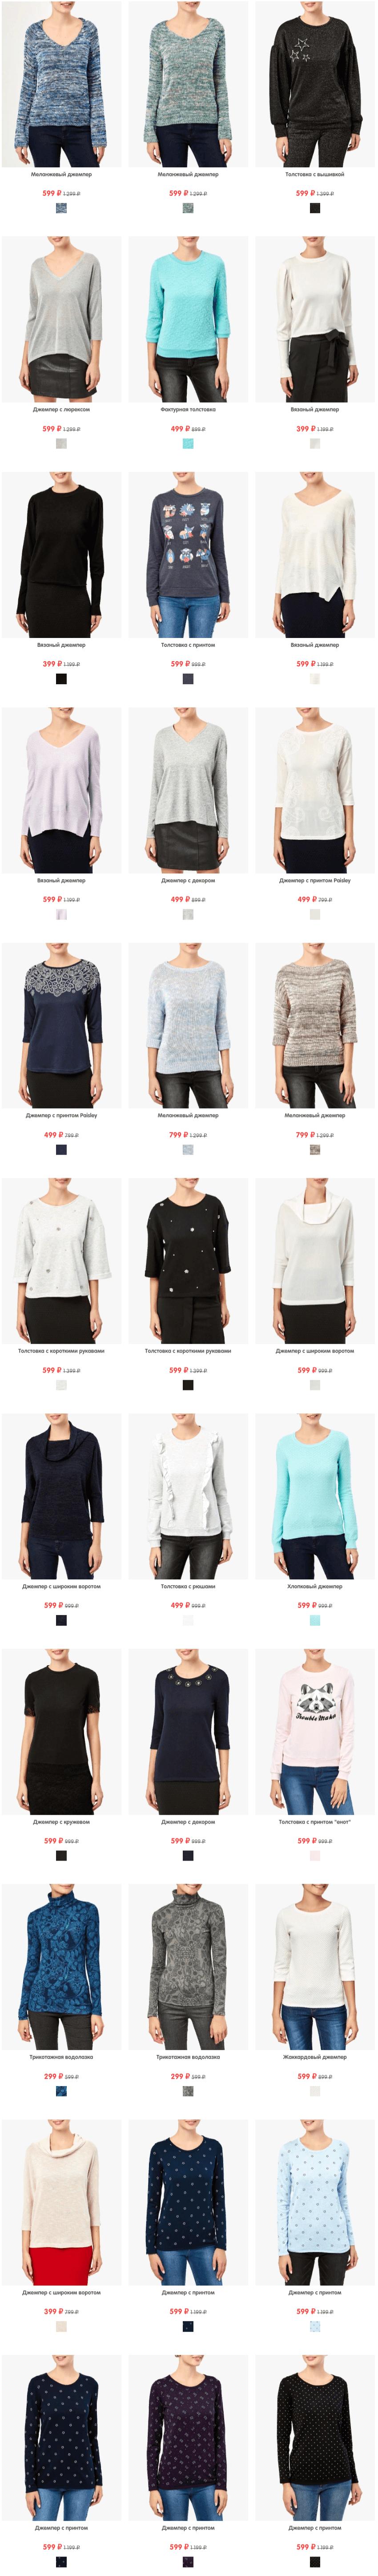 Купить Женские джемперы и свитеры в интернет-магазине одежды fundayshop.com